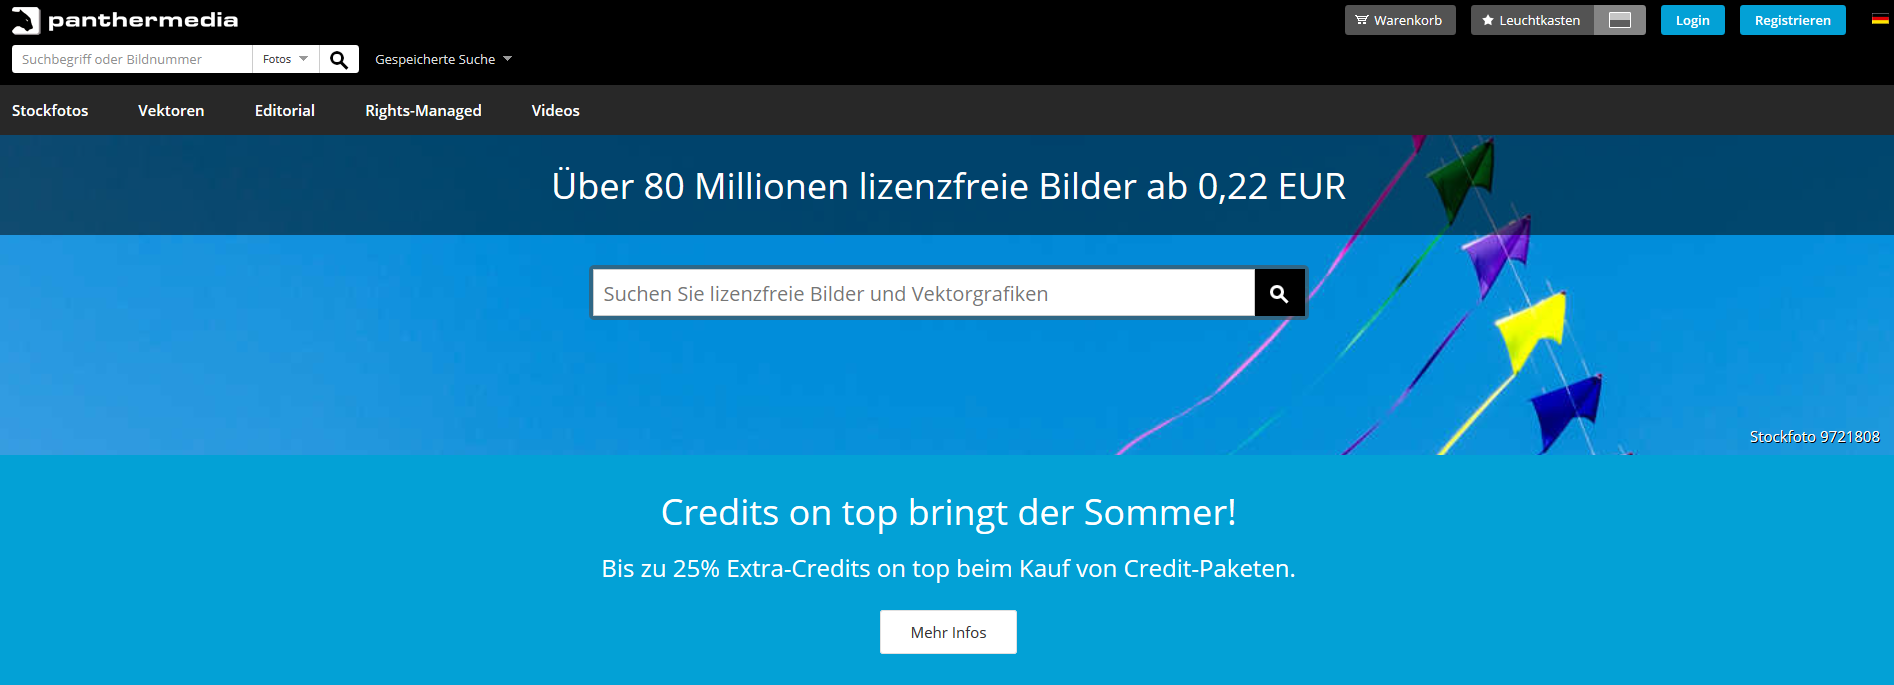 phantermedia - 8 deutsche Stockdatenbanken, die du noch nicht kennst